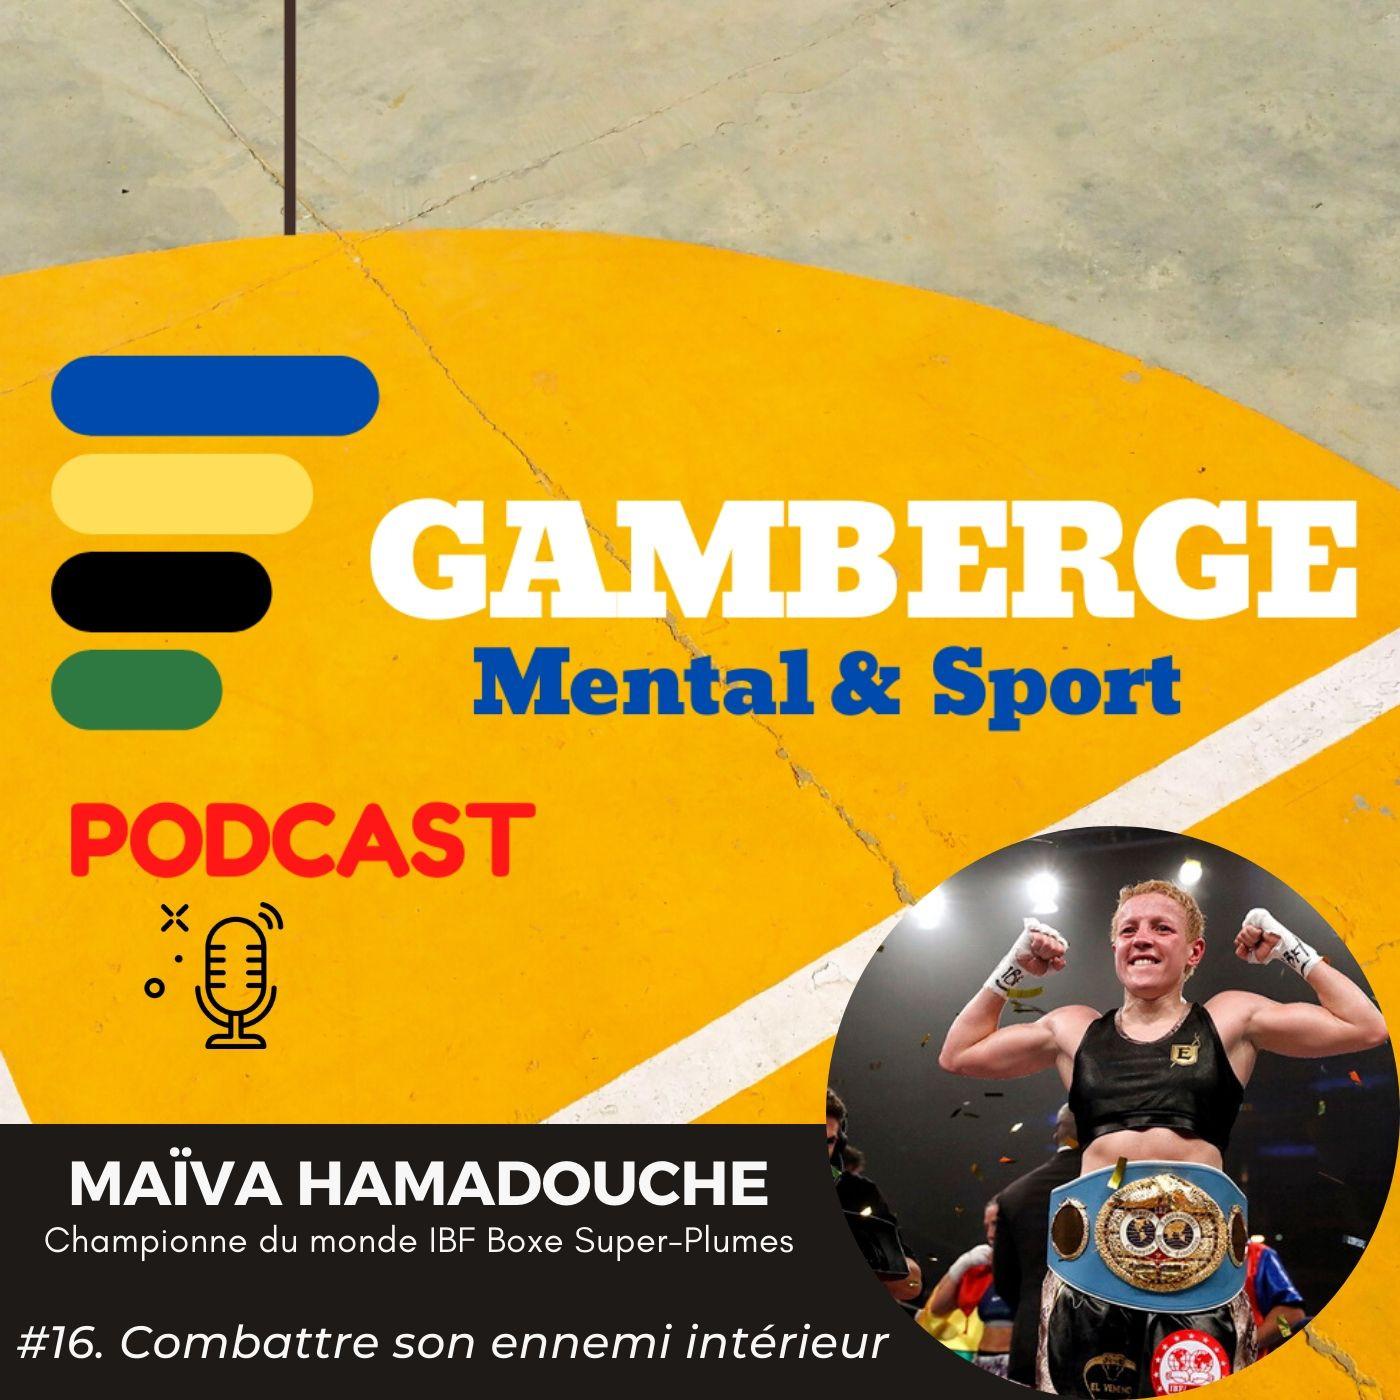 #16. Maïva Hamadouche: Combattre son ennemi intérieur